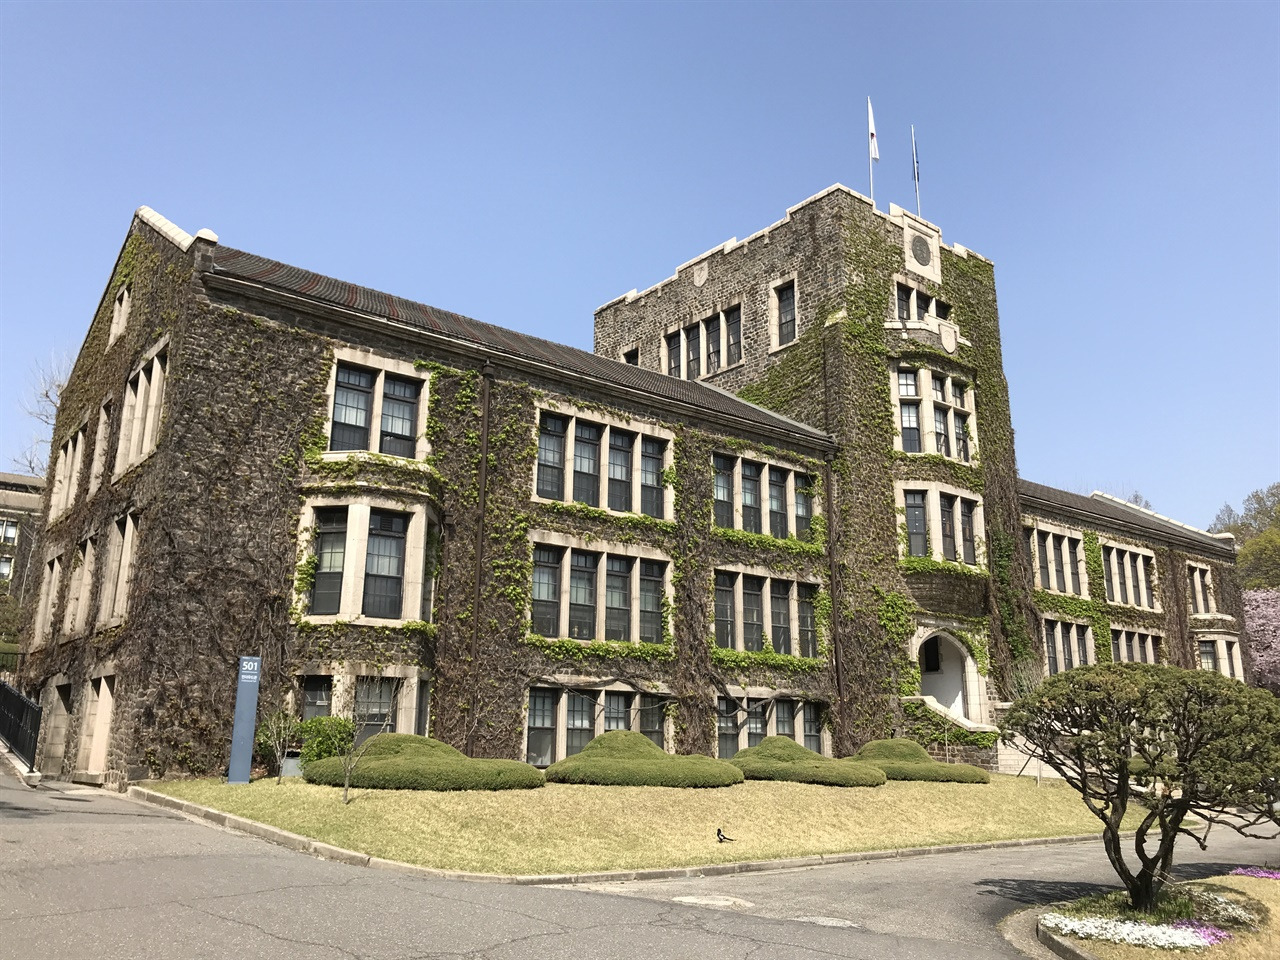 연세대학교 언더우드관 설립자인 원두우(Horace. G. Underwood)의 이름을 따서 '언더우드관'이라 명명했다. 아펜젤러관과 함께 1924년 완공되었다. '학관'이라 불린 언더우드관은 연희전문 시절 '도서관'이 있던 곳이다. 연희전문 시절 동주와 몽규가 도서관으로 이용한 곳이 이 건물이다. 지금은 연세대학교 본관으로 쓰이고 있다.